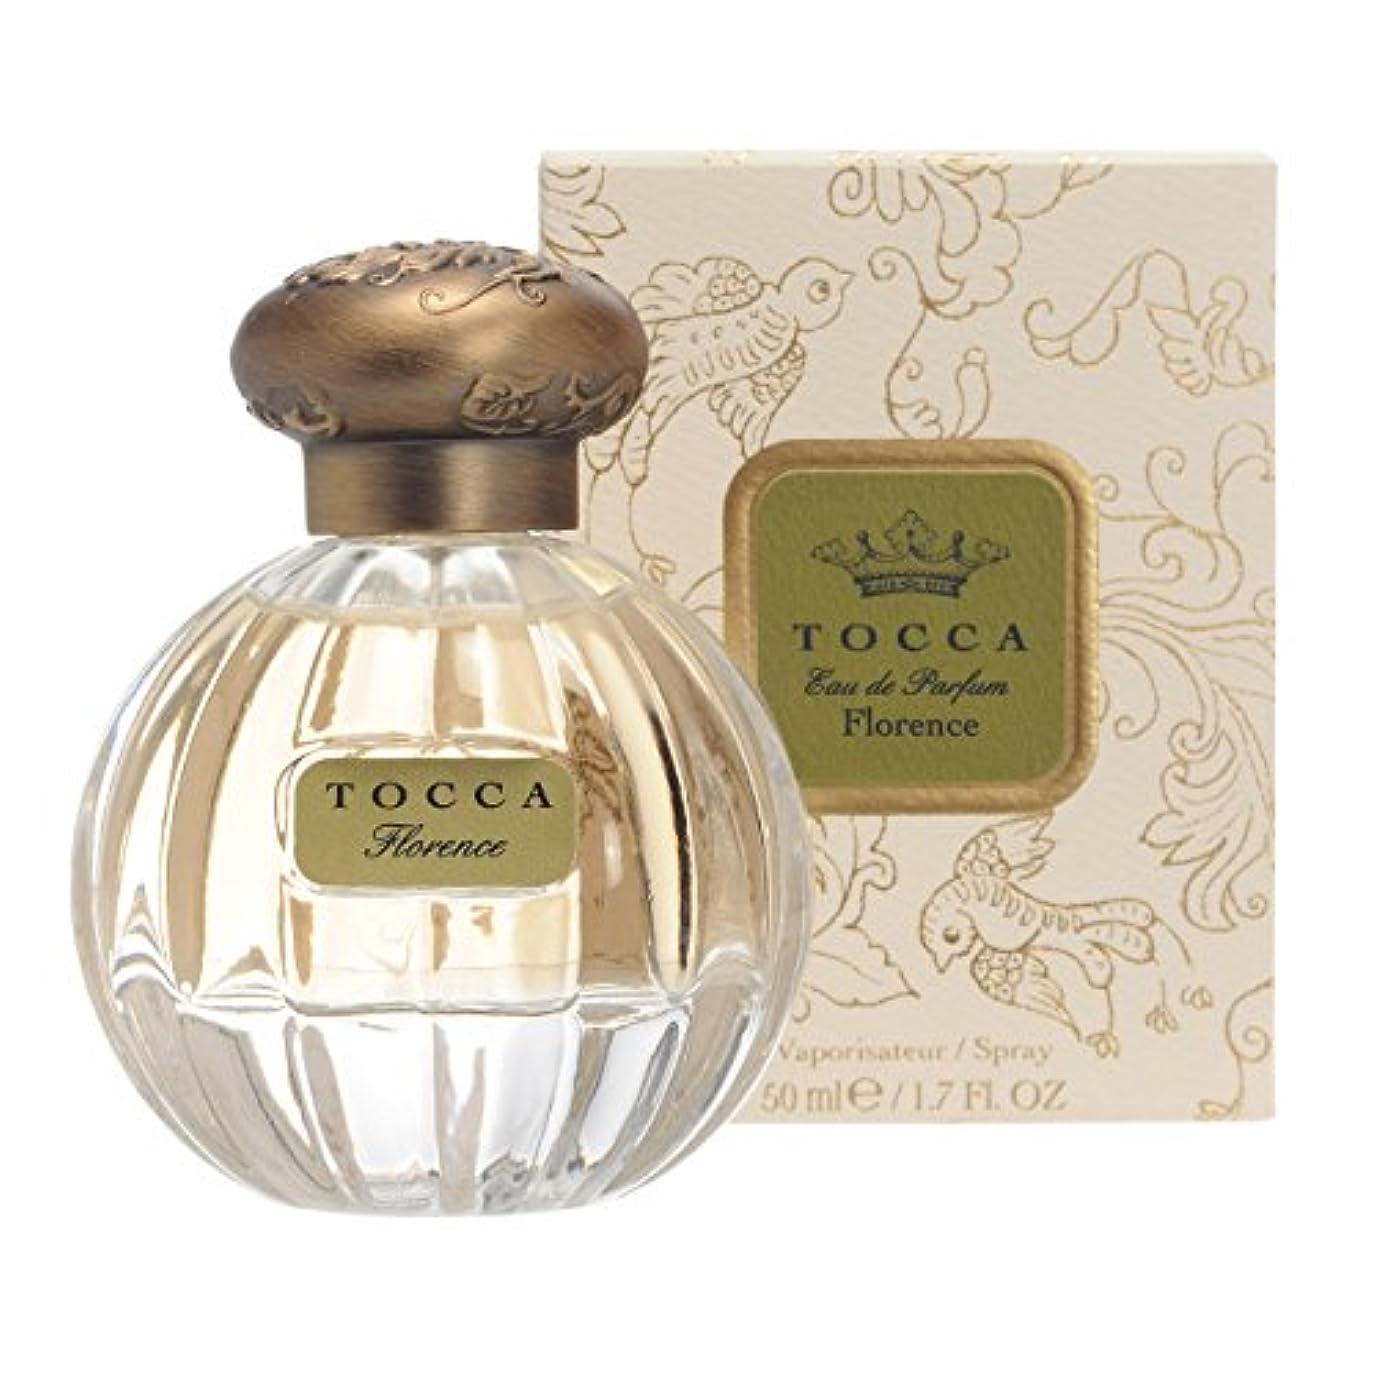 ローラーパーツへこみトッカ(TOCCA) オードパルファム フローレンスの香り 50ml(香水 パリジェンヌの洗練された美しさを演出する、ガーデニアとスミレが漂う上品なフローラルの香り)